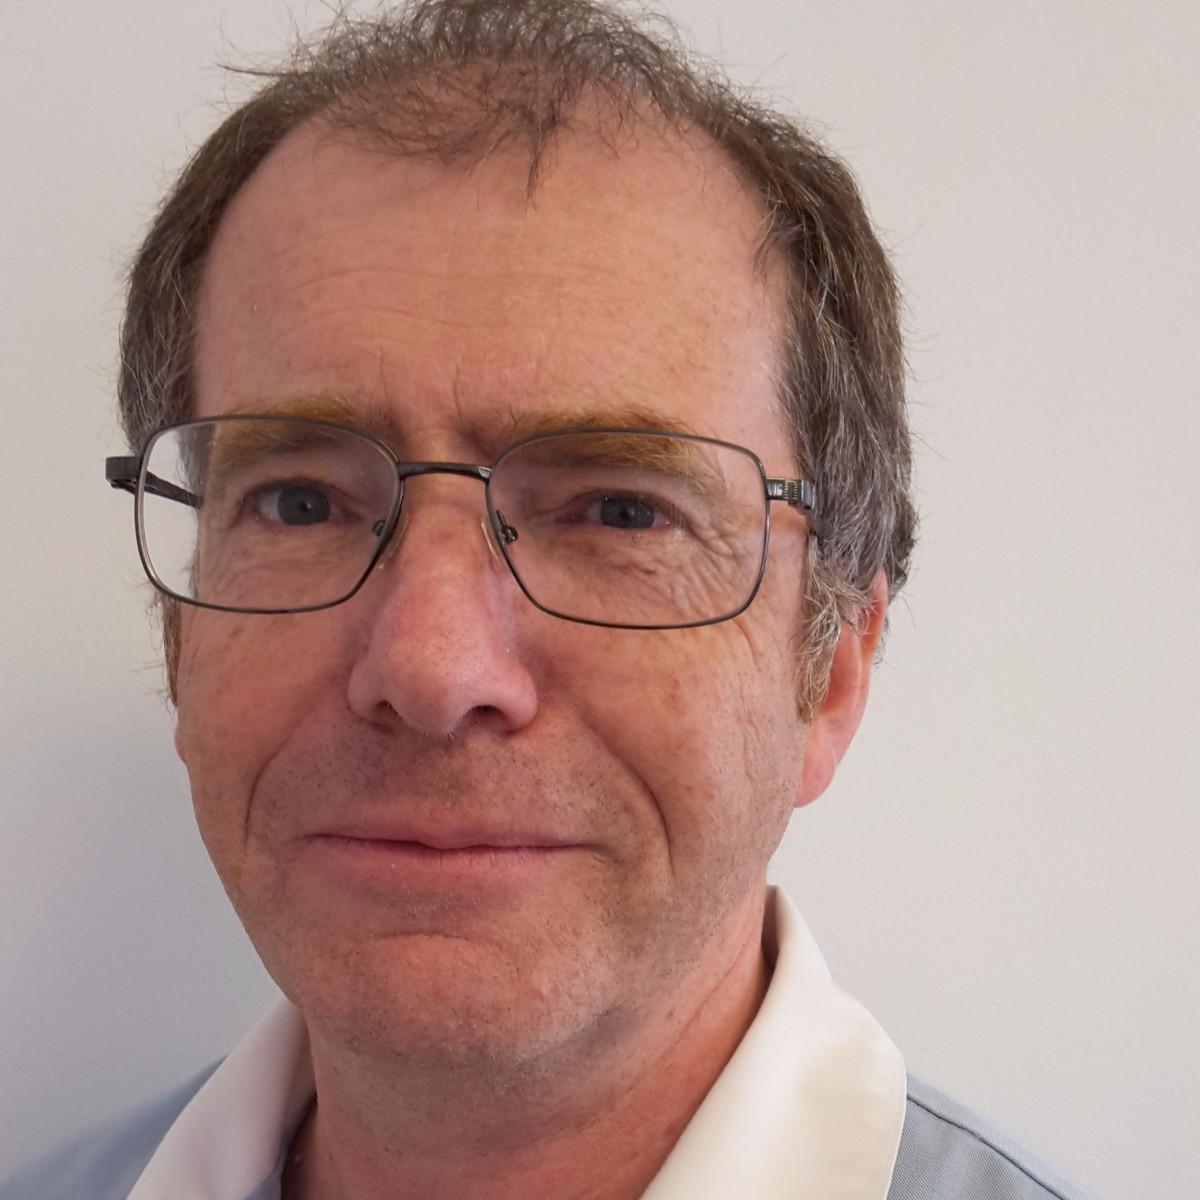 Dr Robert Dorr